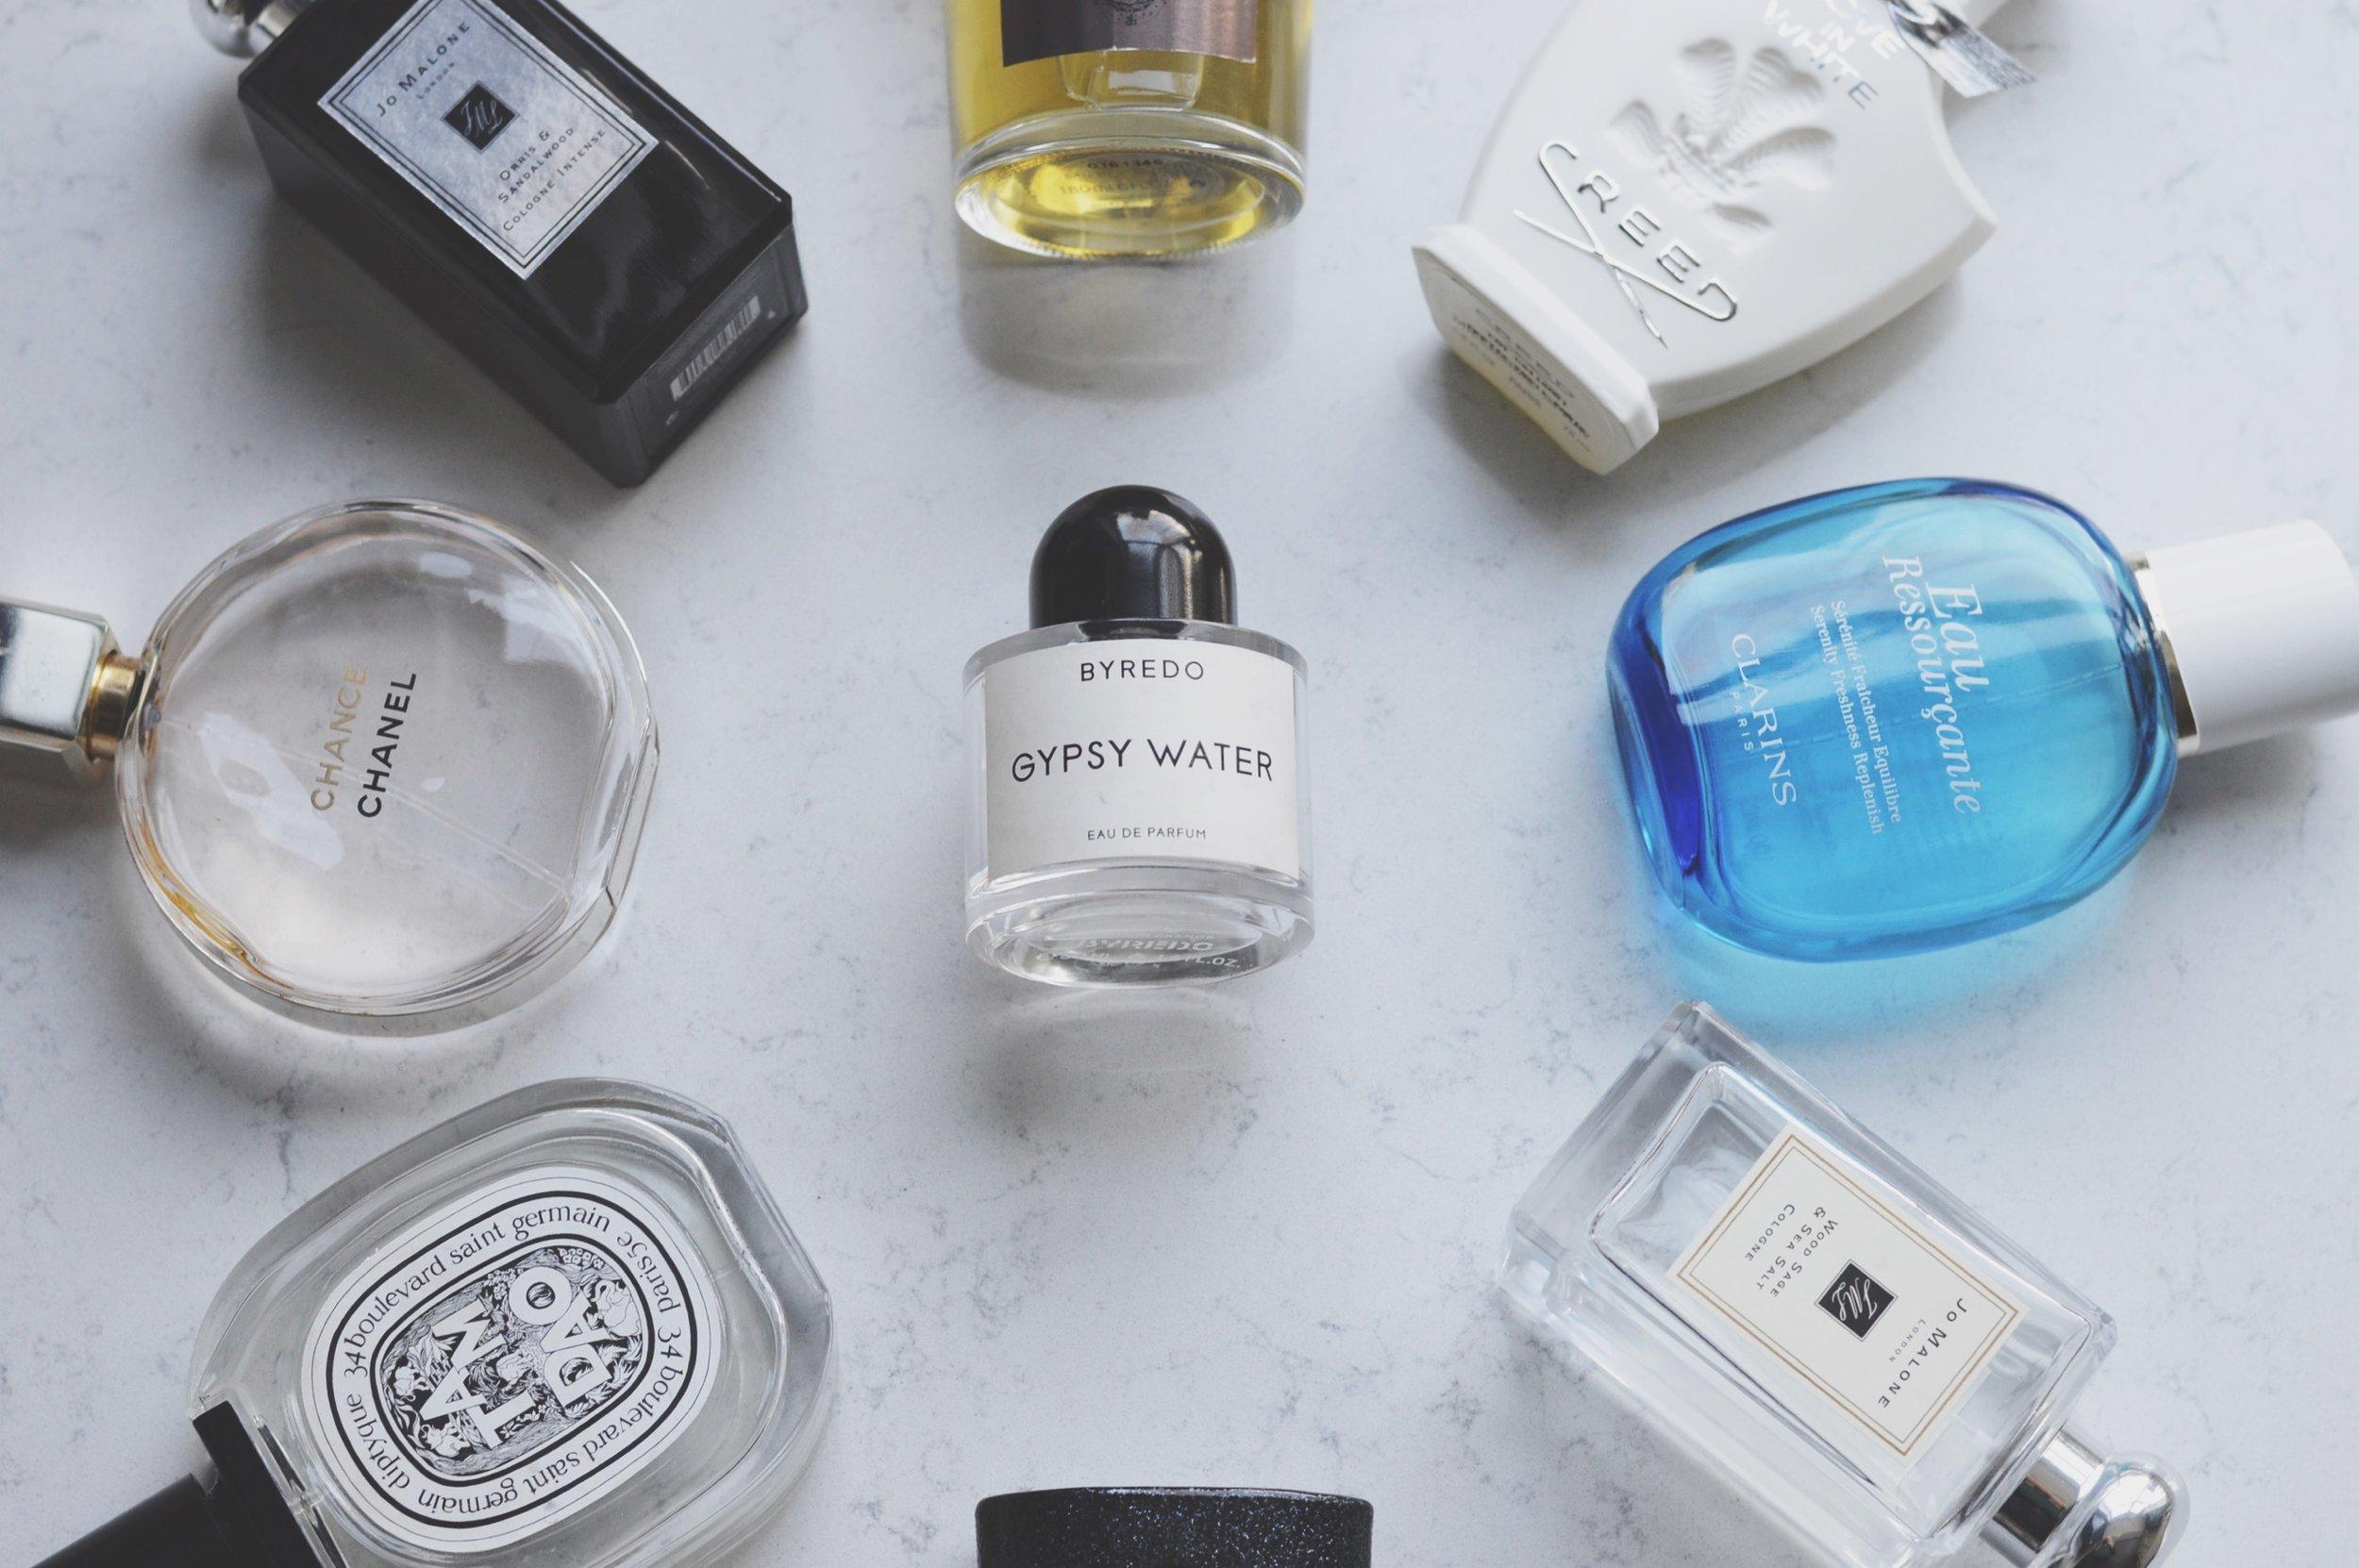 Perfume prada iris imitacion